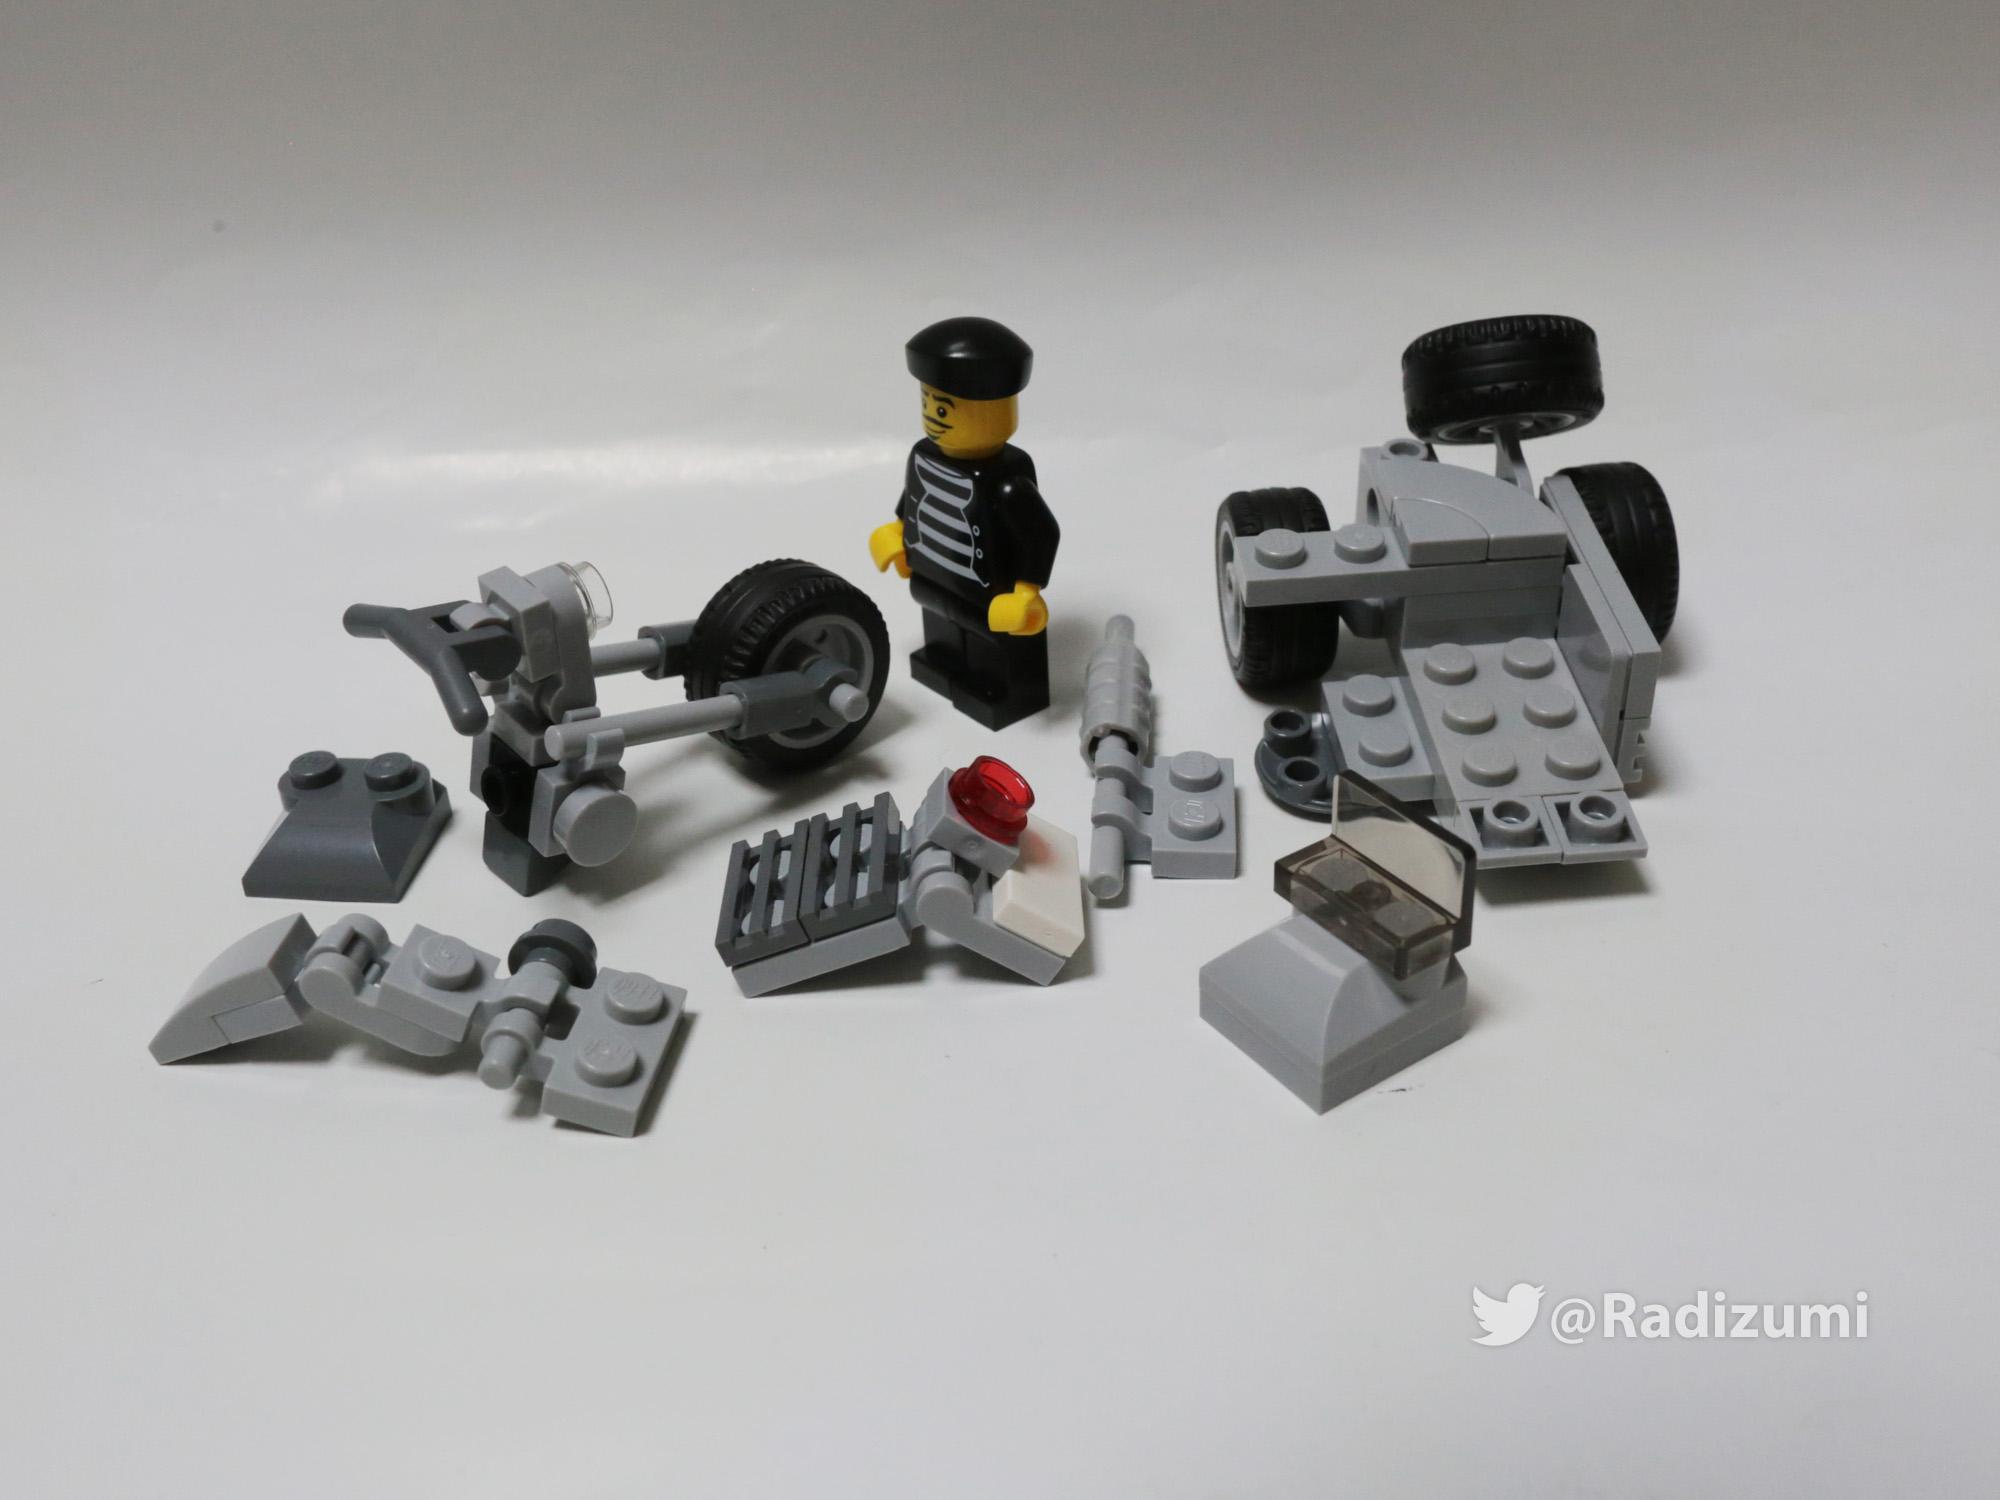 レゴでオリジナル作品!『フィグ乗りバイク』世界に一つだけのレゴ~ズミ(旧:ラジズミ)